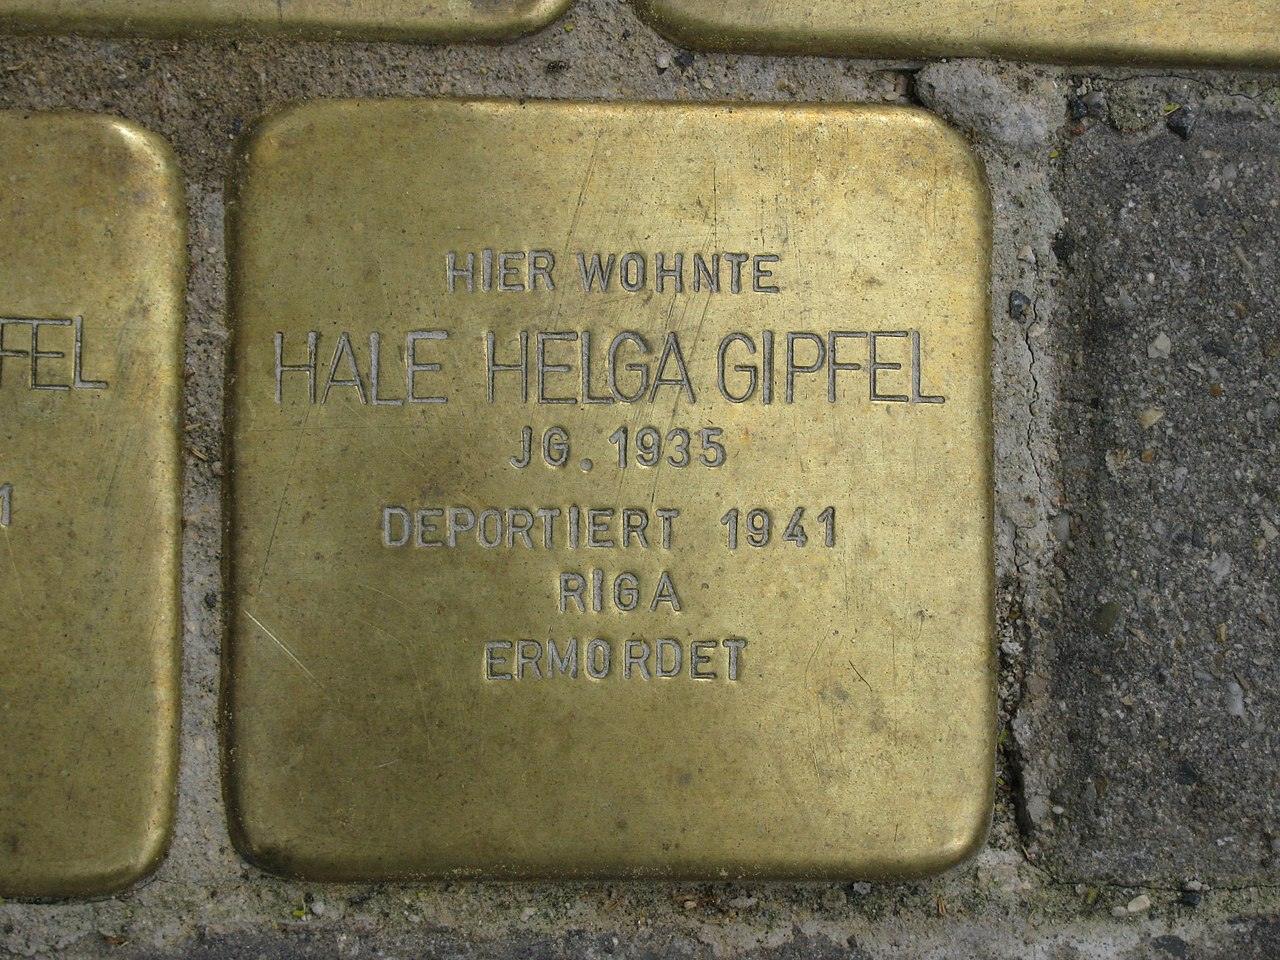 Stolperstein Hale Helga Gipfel, 1, Untere Königsstraße 86, Wesertor, Kassel.jpg